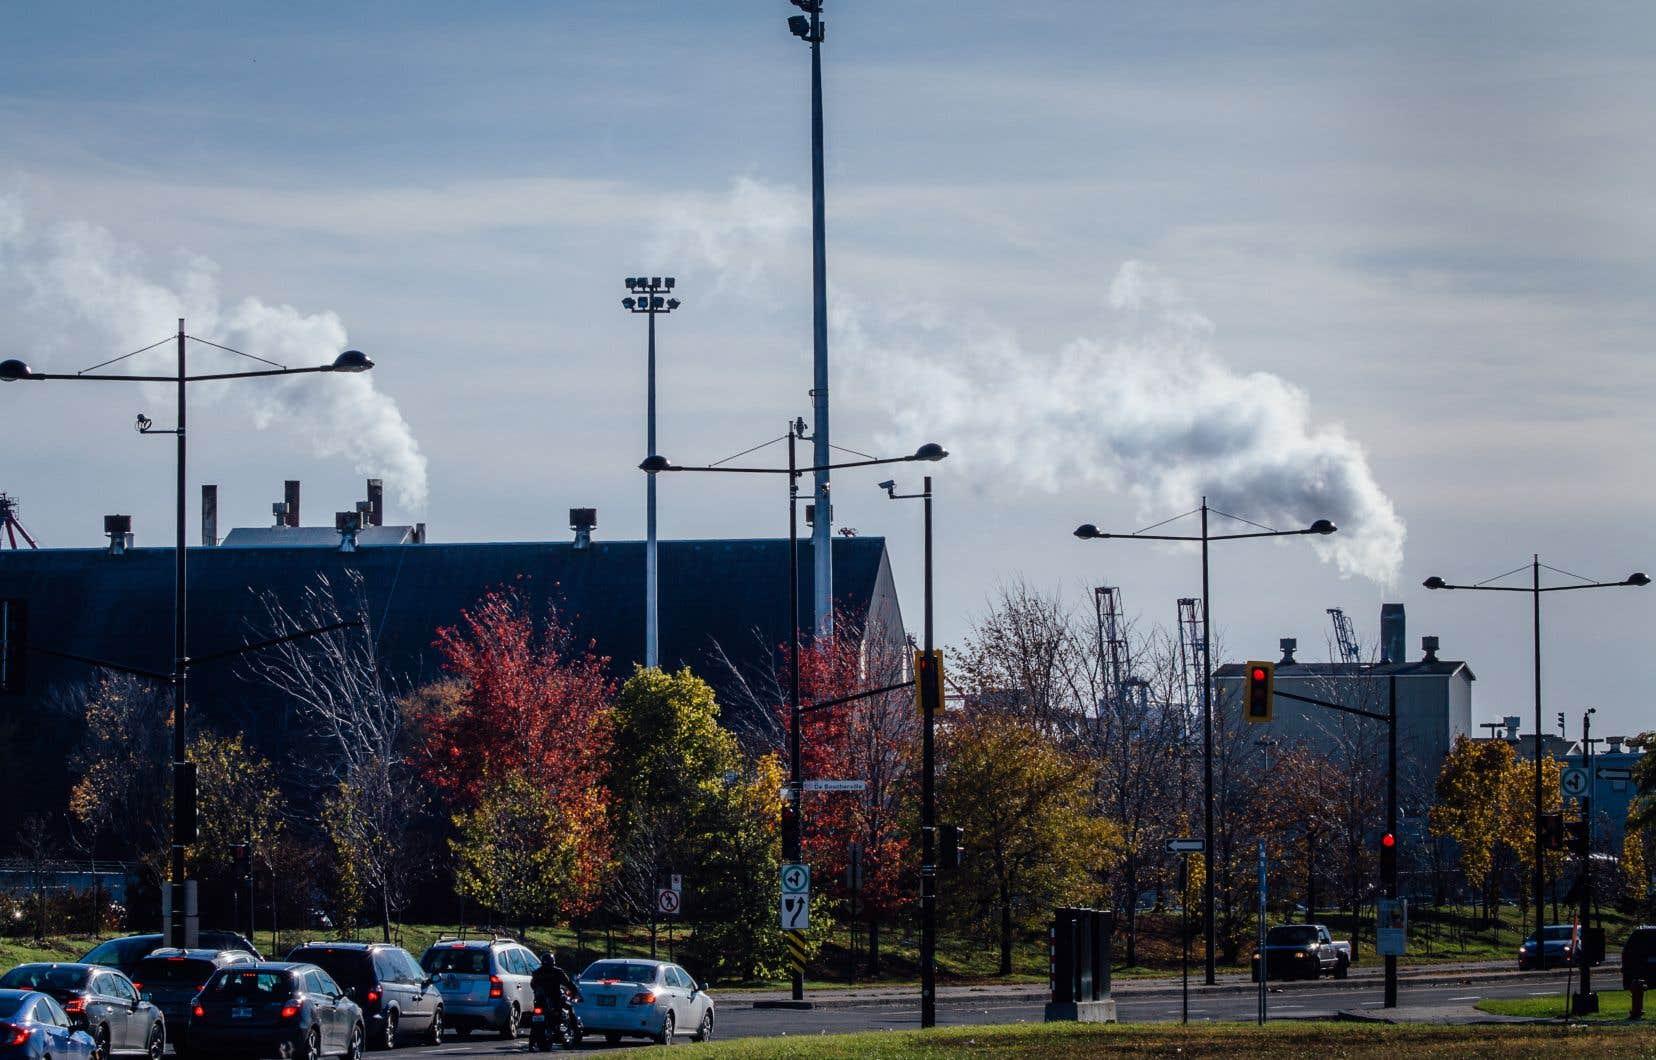 «Ces privilèges sont souvent accordés à des entreprises qui, autrement, déménageraient vers d'autres endroits où les normes environnementales sont moins contraignantes», ditDale Buegin, directeur général de la Commission de l'écofiscalité du Canada.